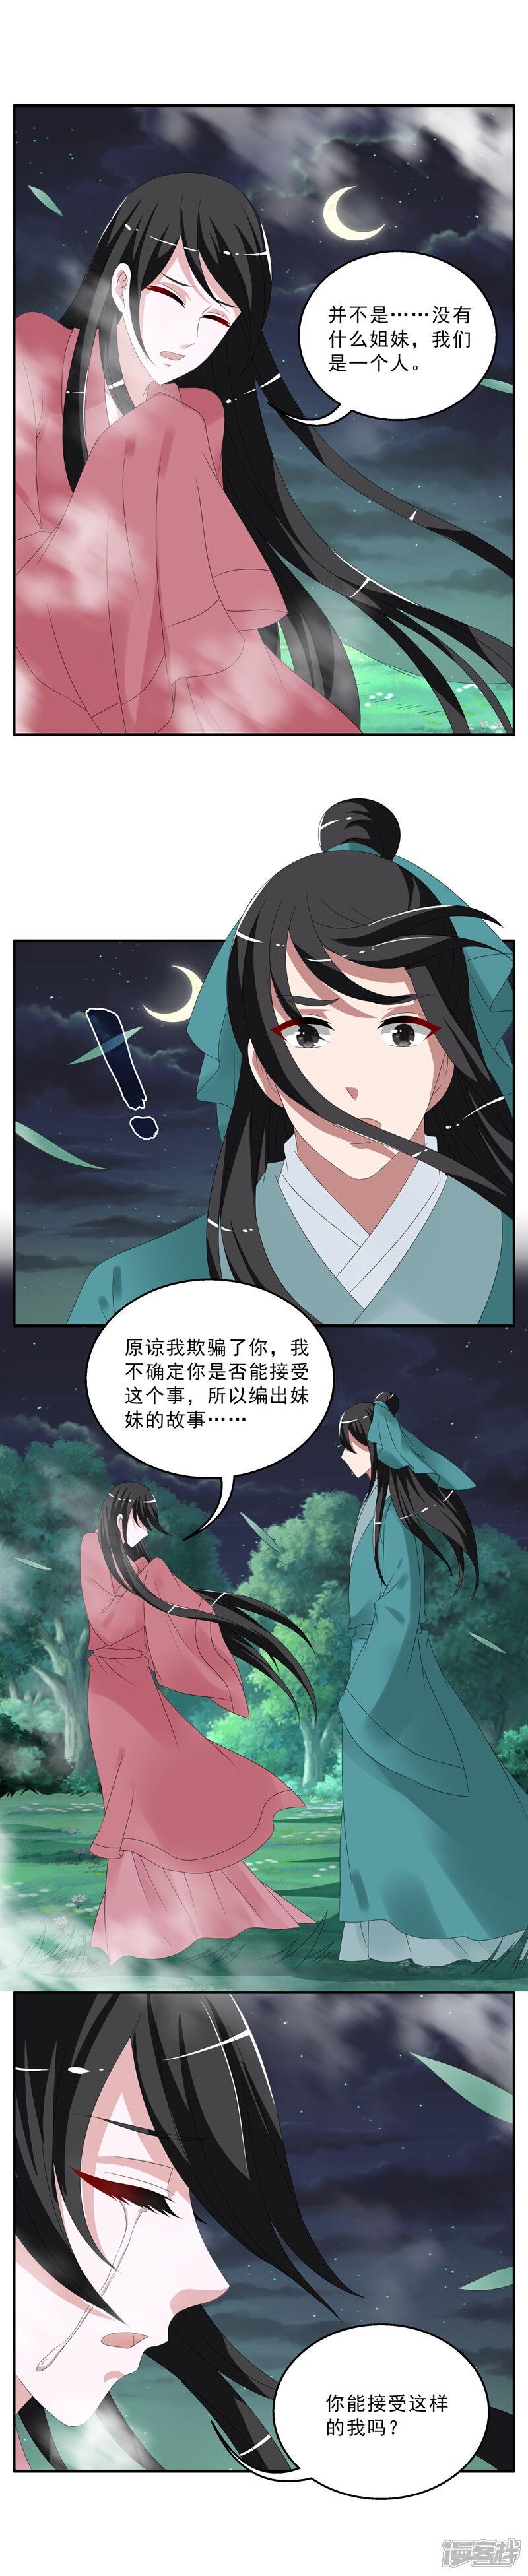 洛小妖143 (7).JPG